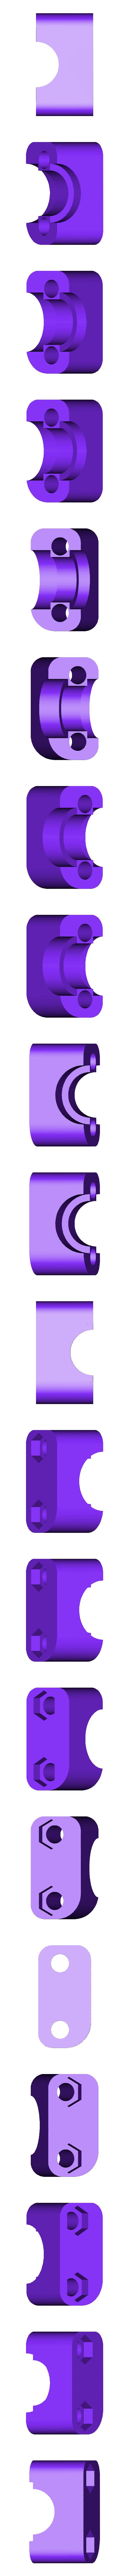 r_with_nut.stl Télécharger fichier STL gratuit DaVinci Pro Dual E3D V6 Bowden Extrudeuse Pro Dual E3D • Objet pour imprimante 3D, indigo4